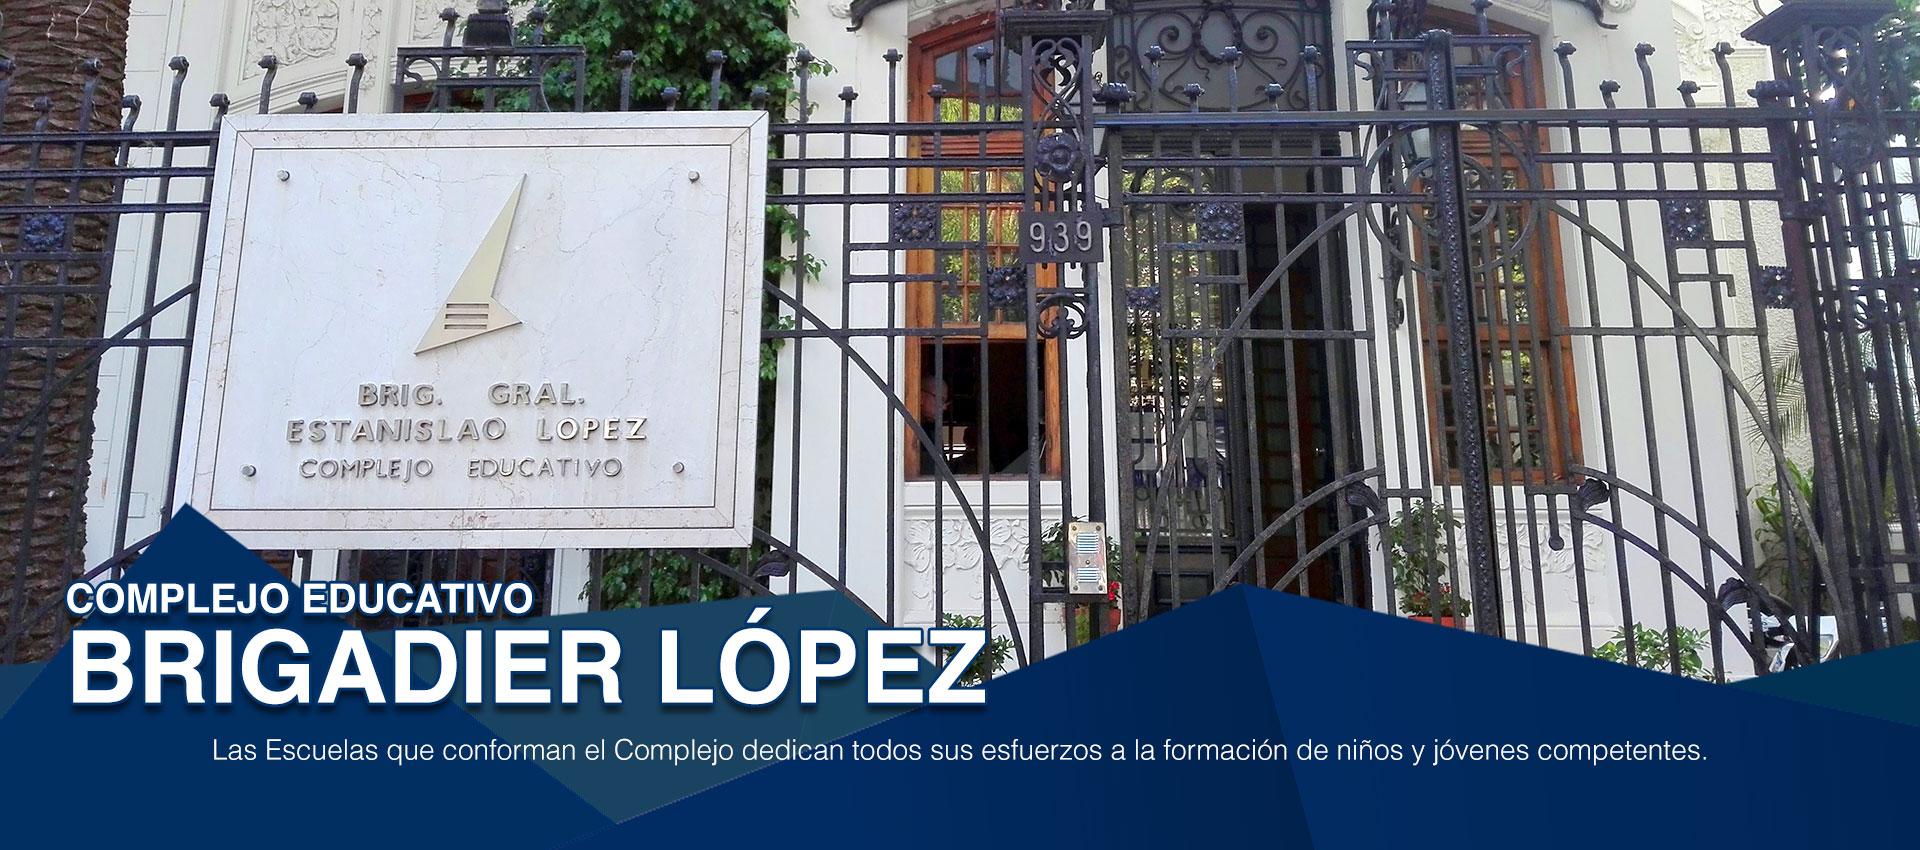 Complejo Educativo Brigadier López. Información Institucional..  COMPLEJO EDUCATIVO BRIGADIER LOPEZ